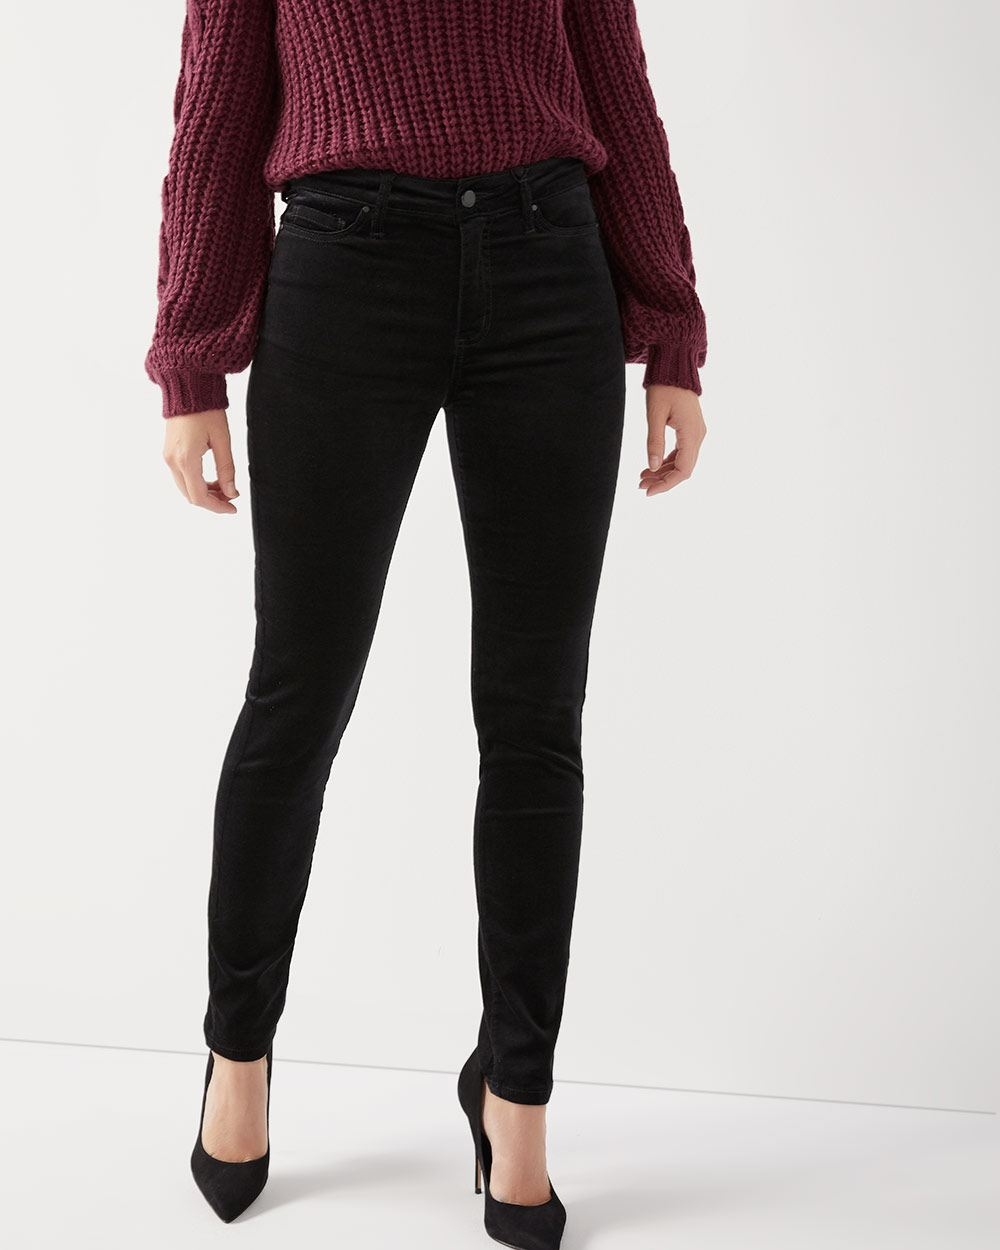 Pantalon skinny taille haute en velours côtelé   RW CO. 7d38593e13d3